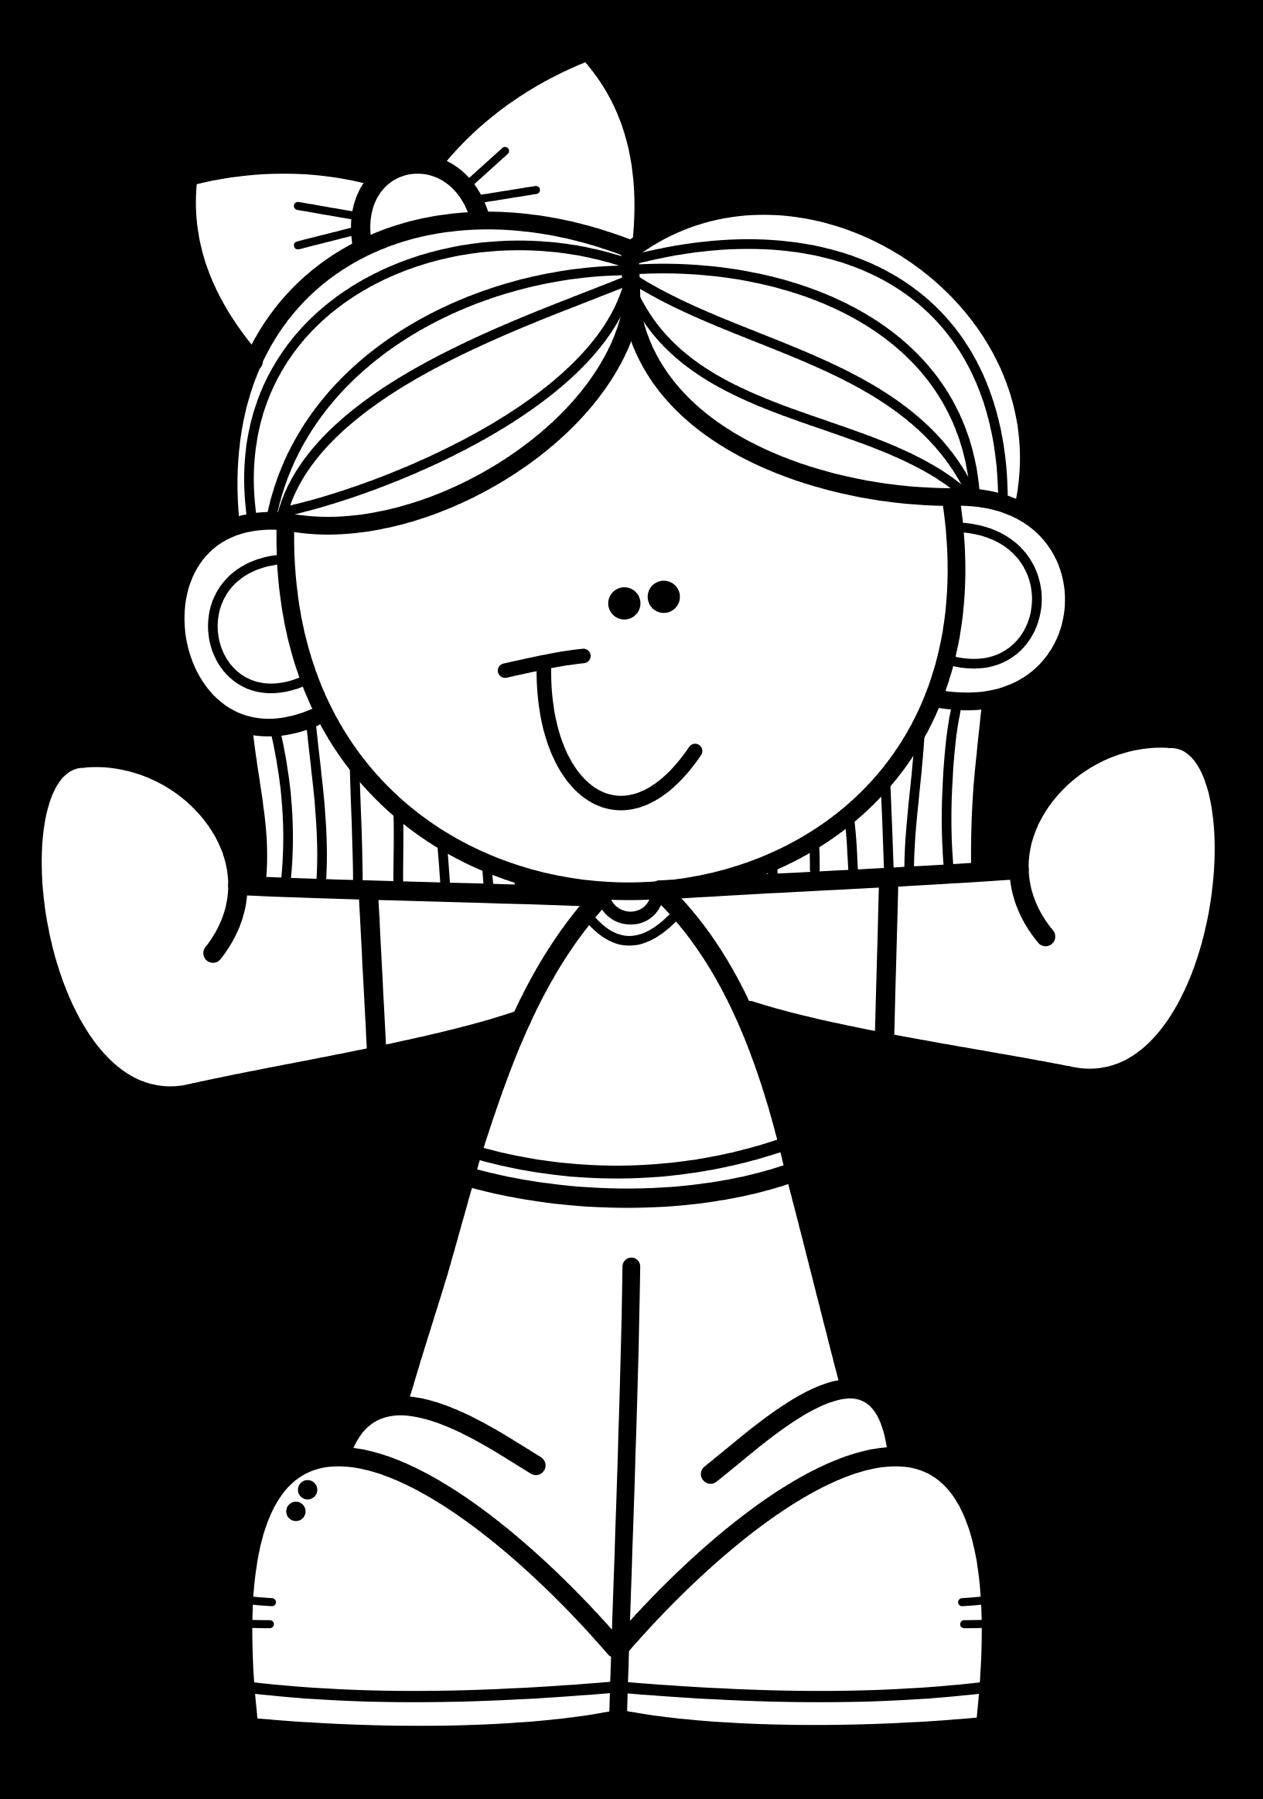 Pin De Gabrielita Rubio En Emilio 1ro Dibujo De Bebe Moldes De Letras Timoteo Dibujos Para Ninos